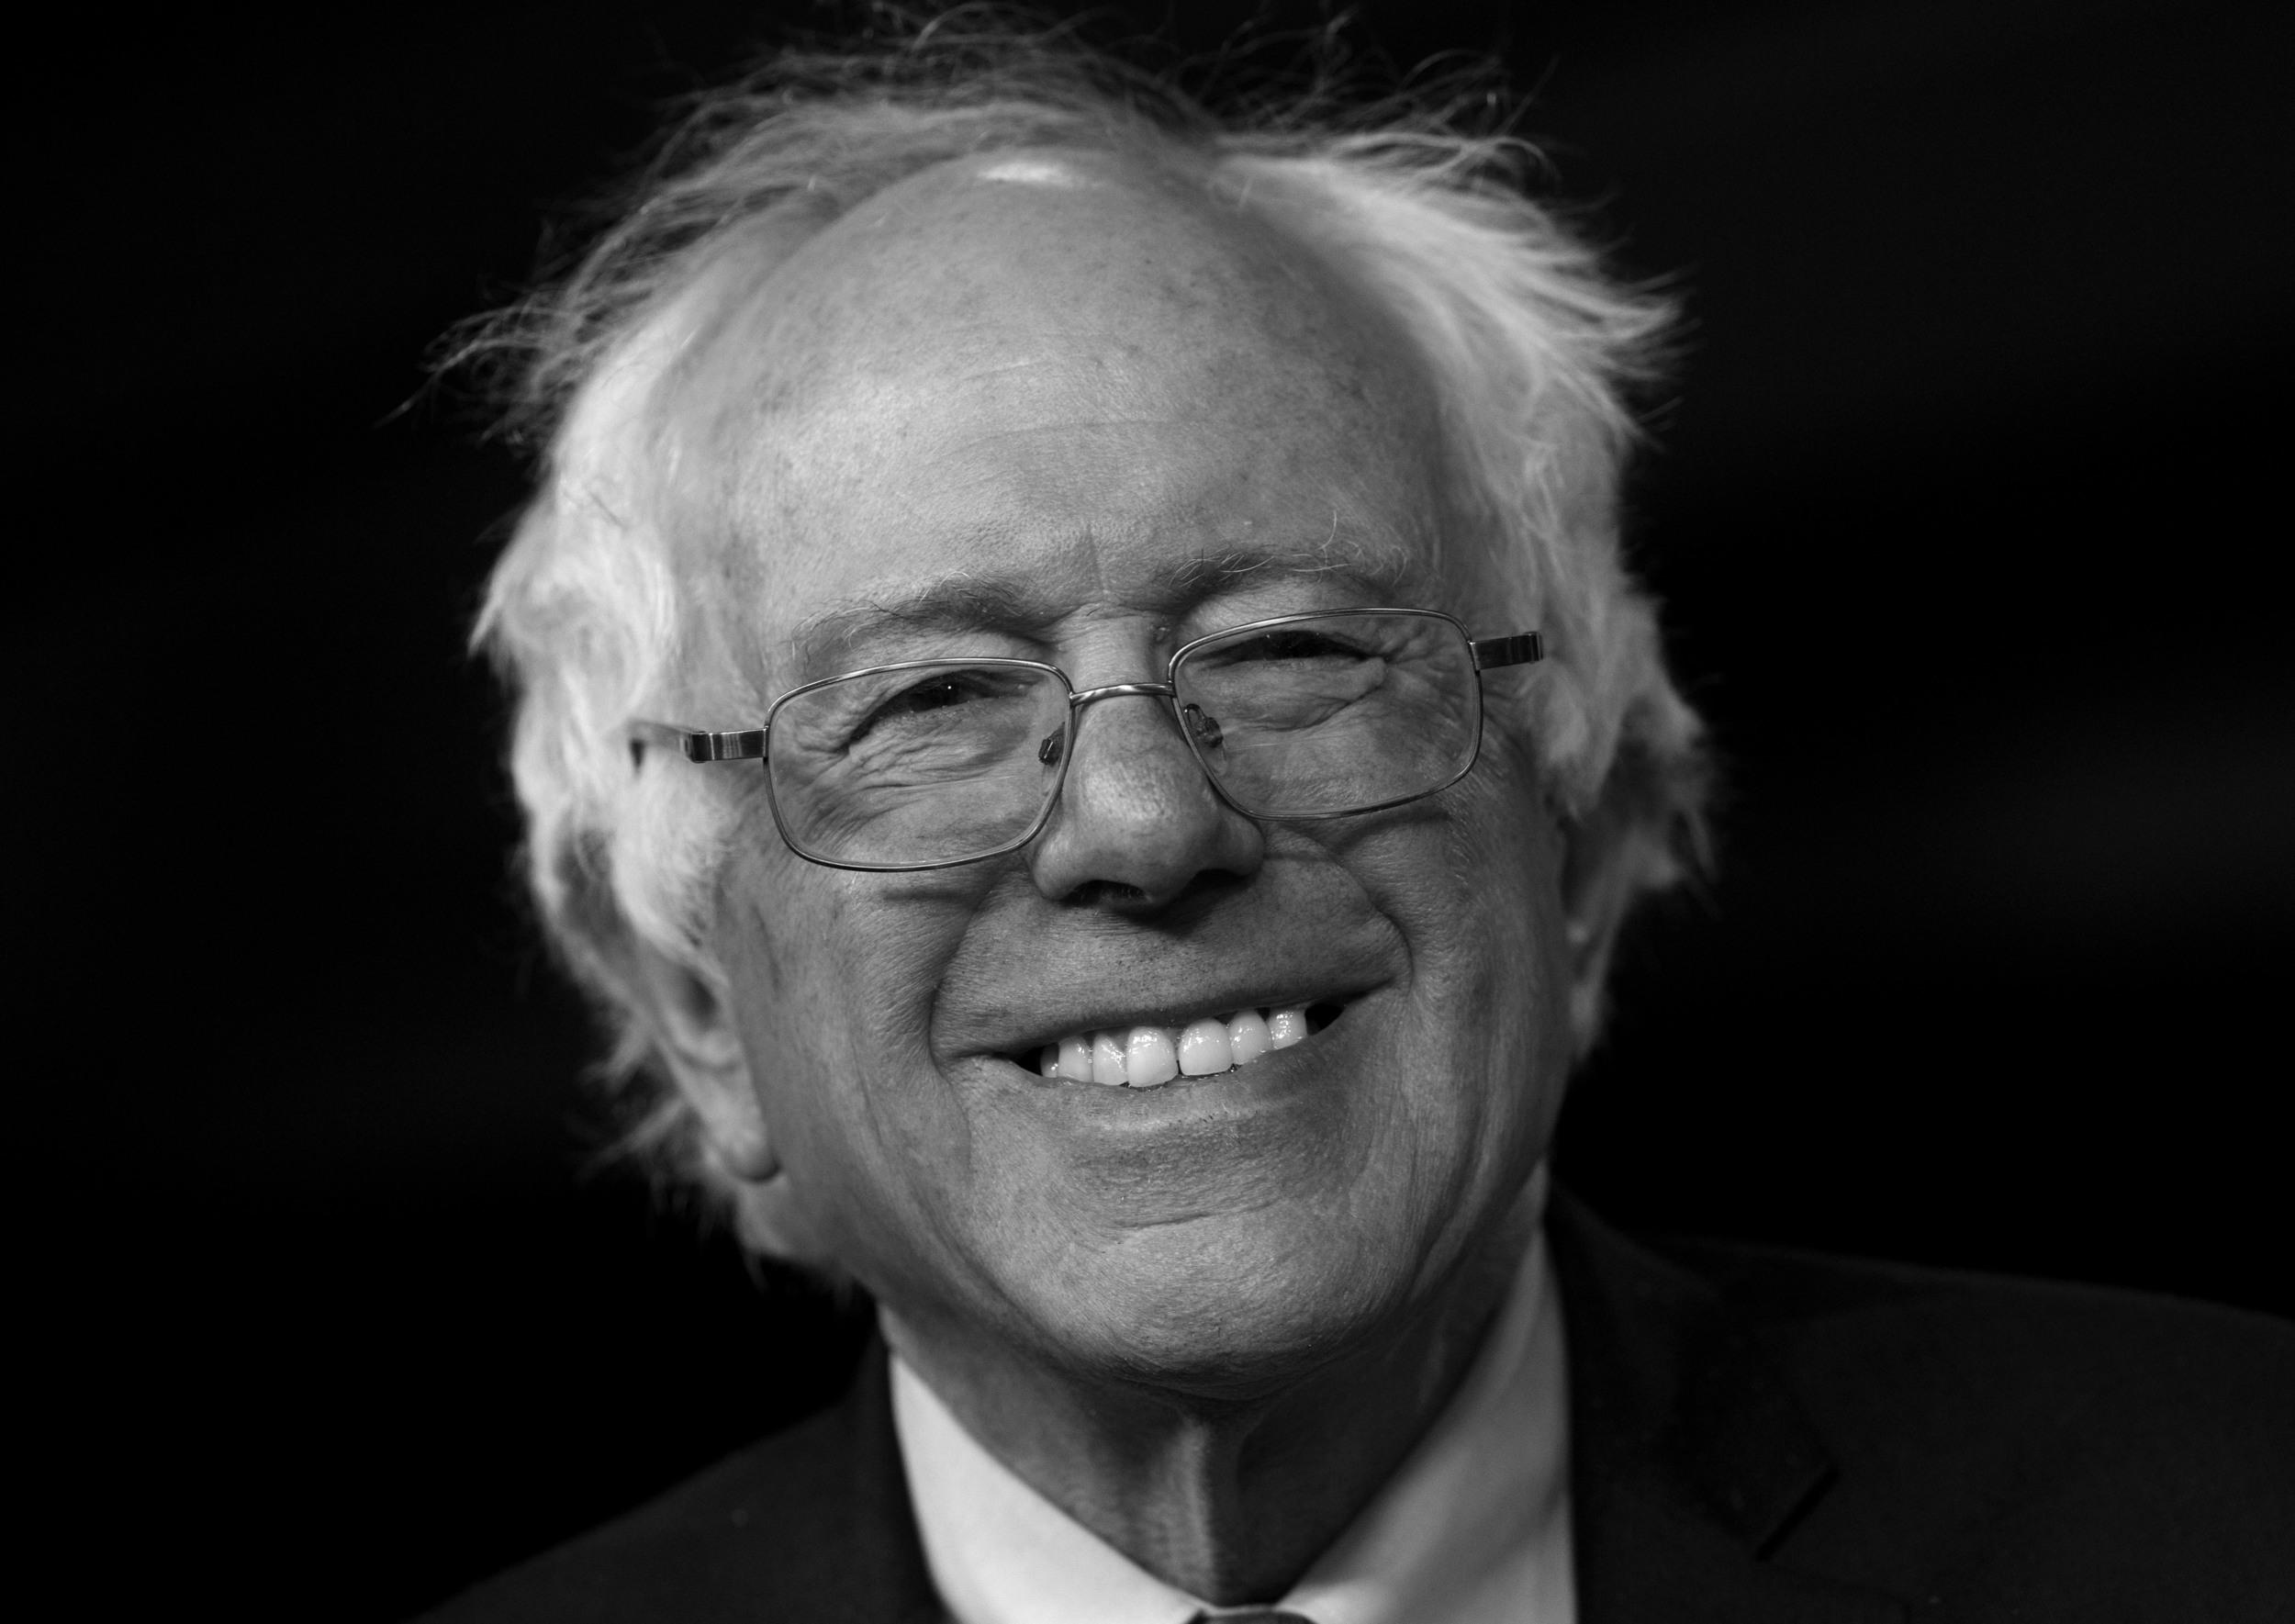 Bernie sanders ~ Presidential candidate